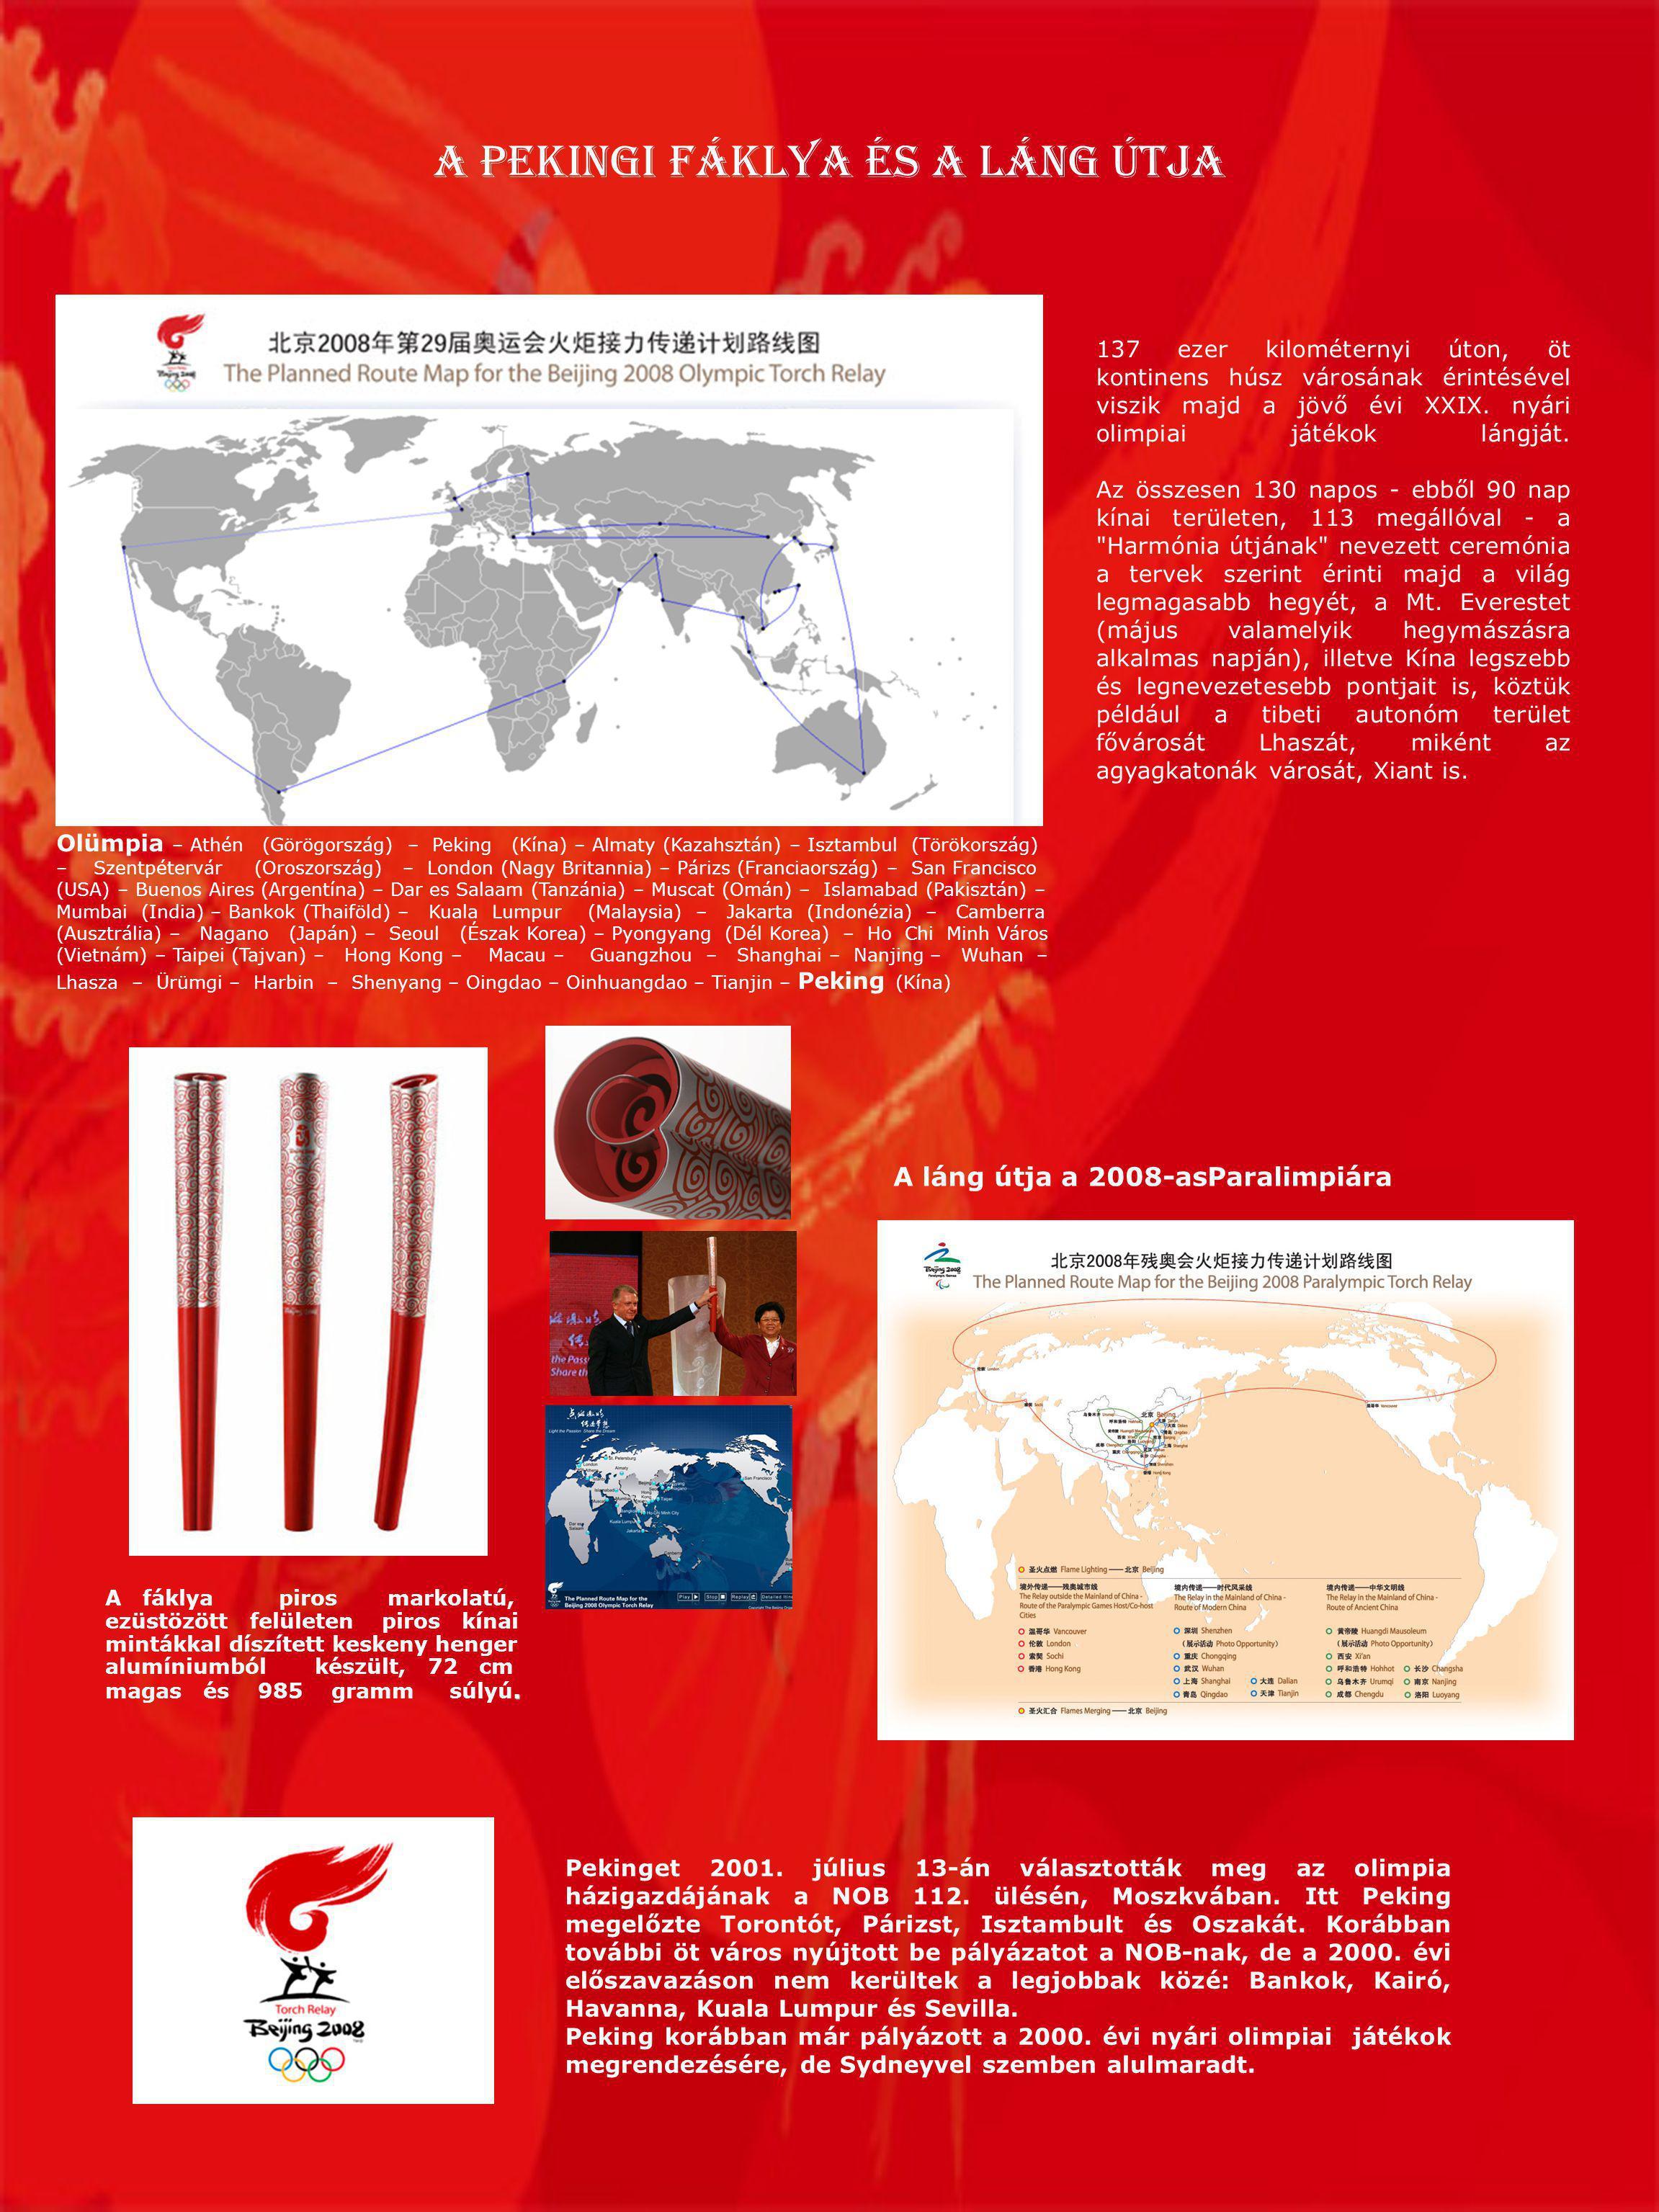 A pekingi fáklya és a Láng Útja.